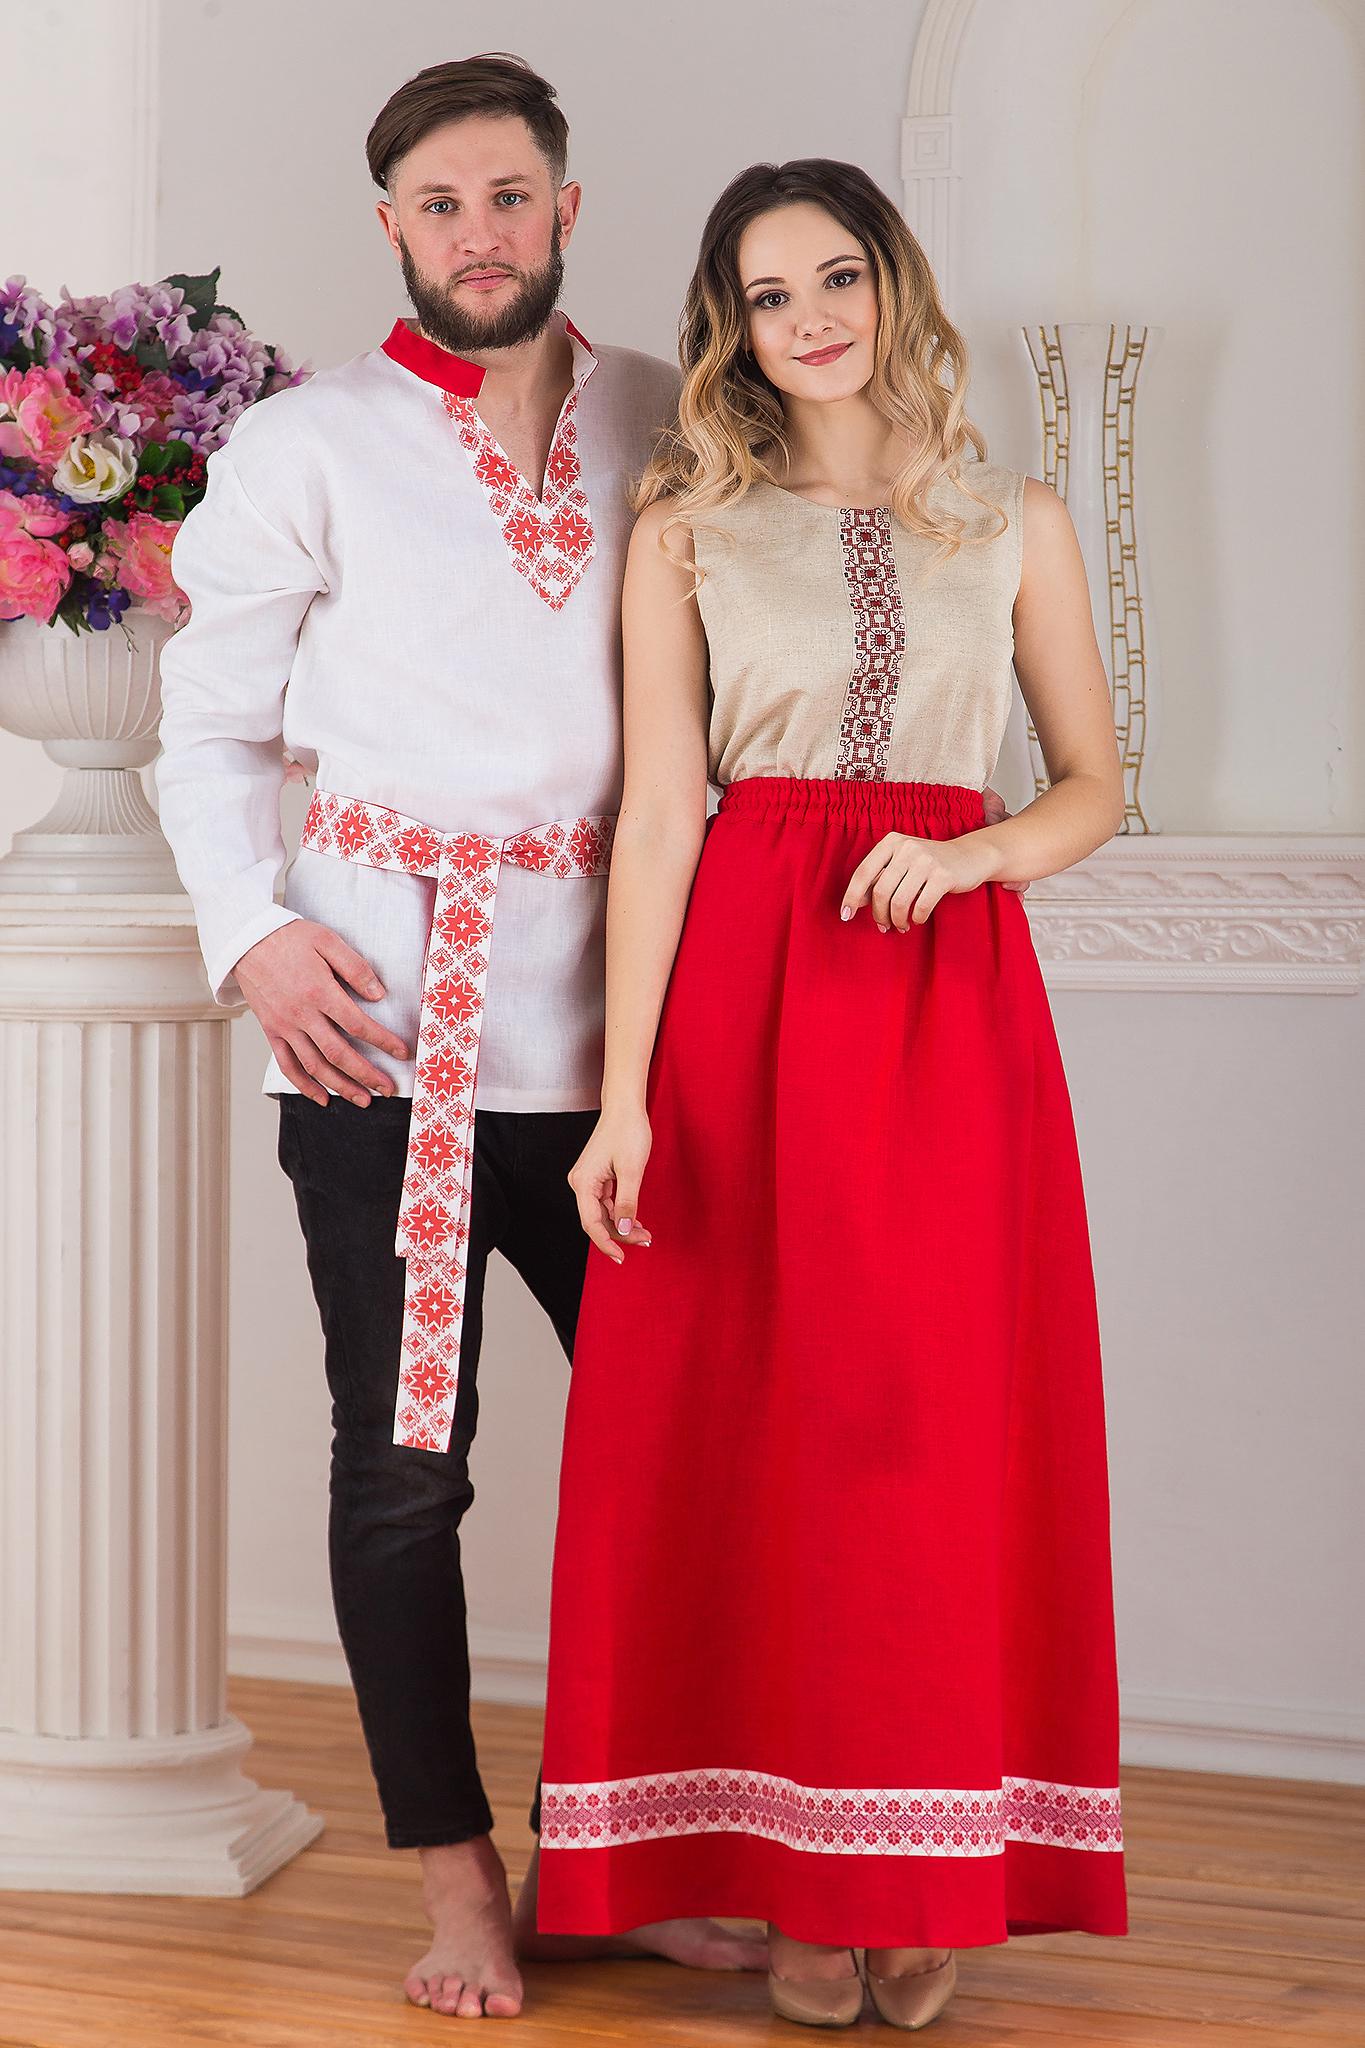 Юбка длинная льняная Ягодка от интернет-магазина Иванка